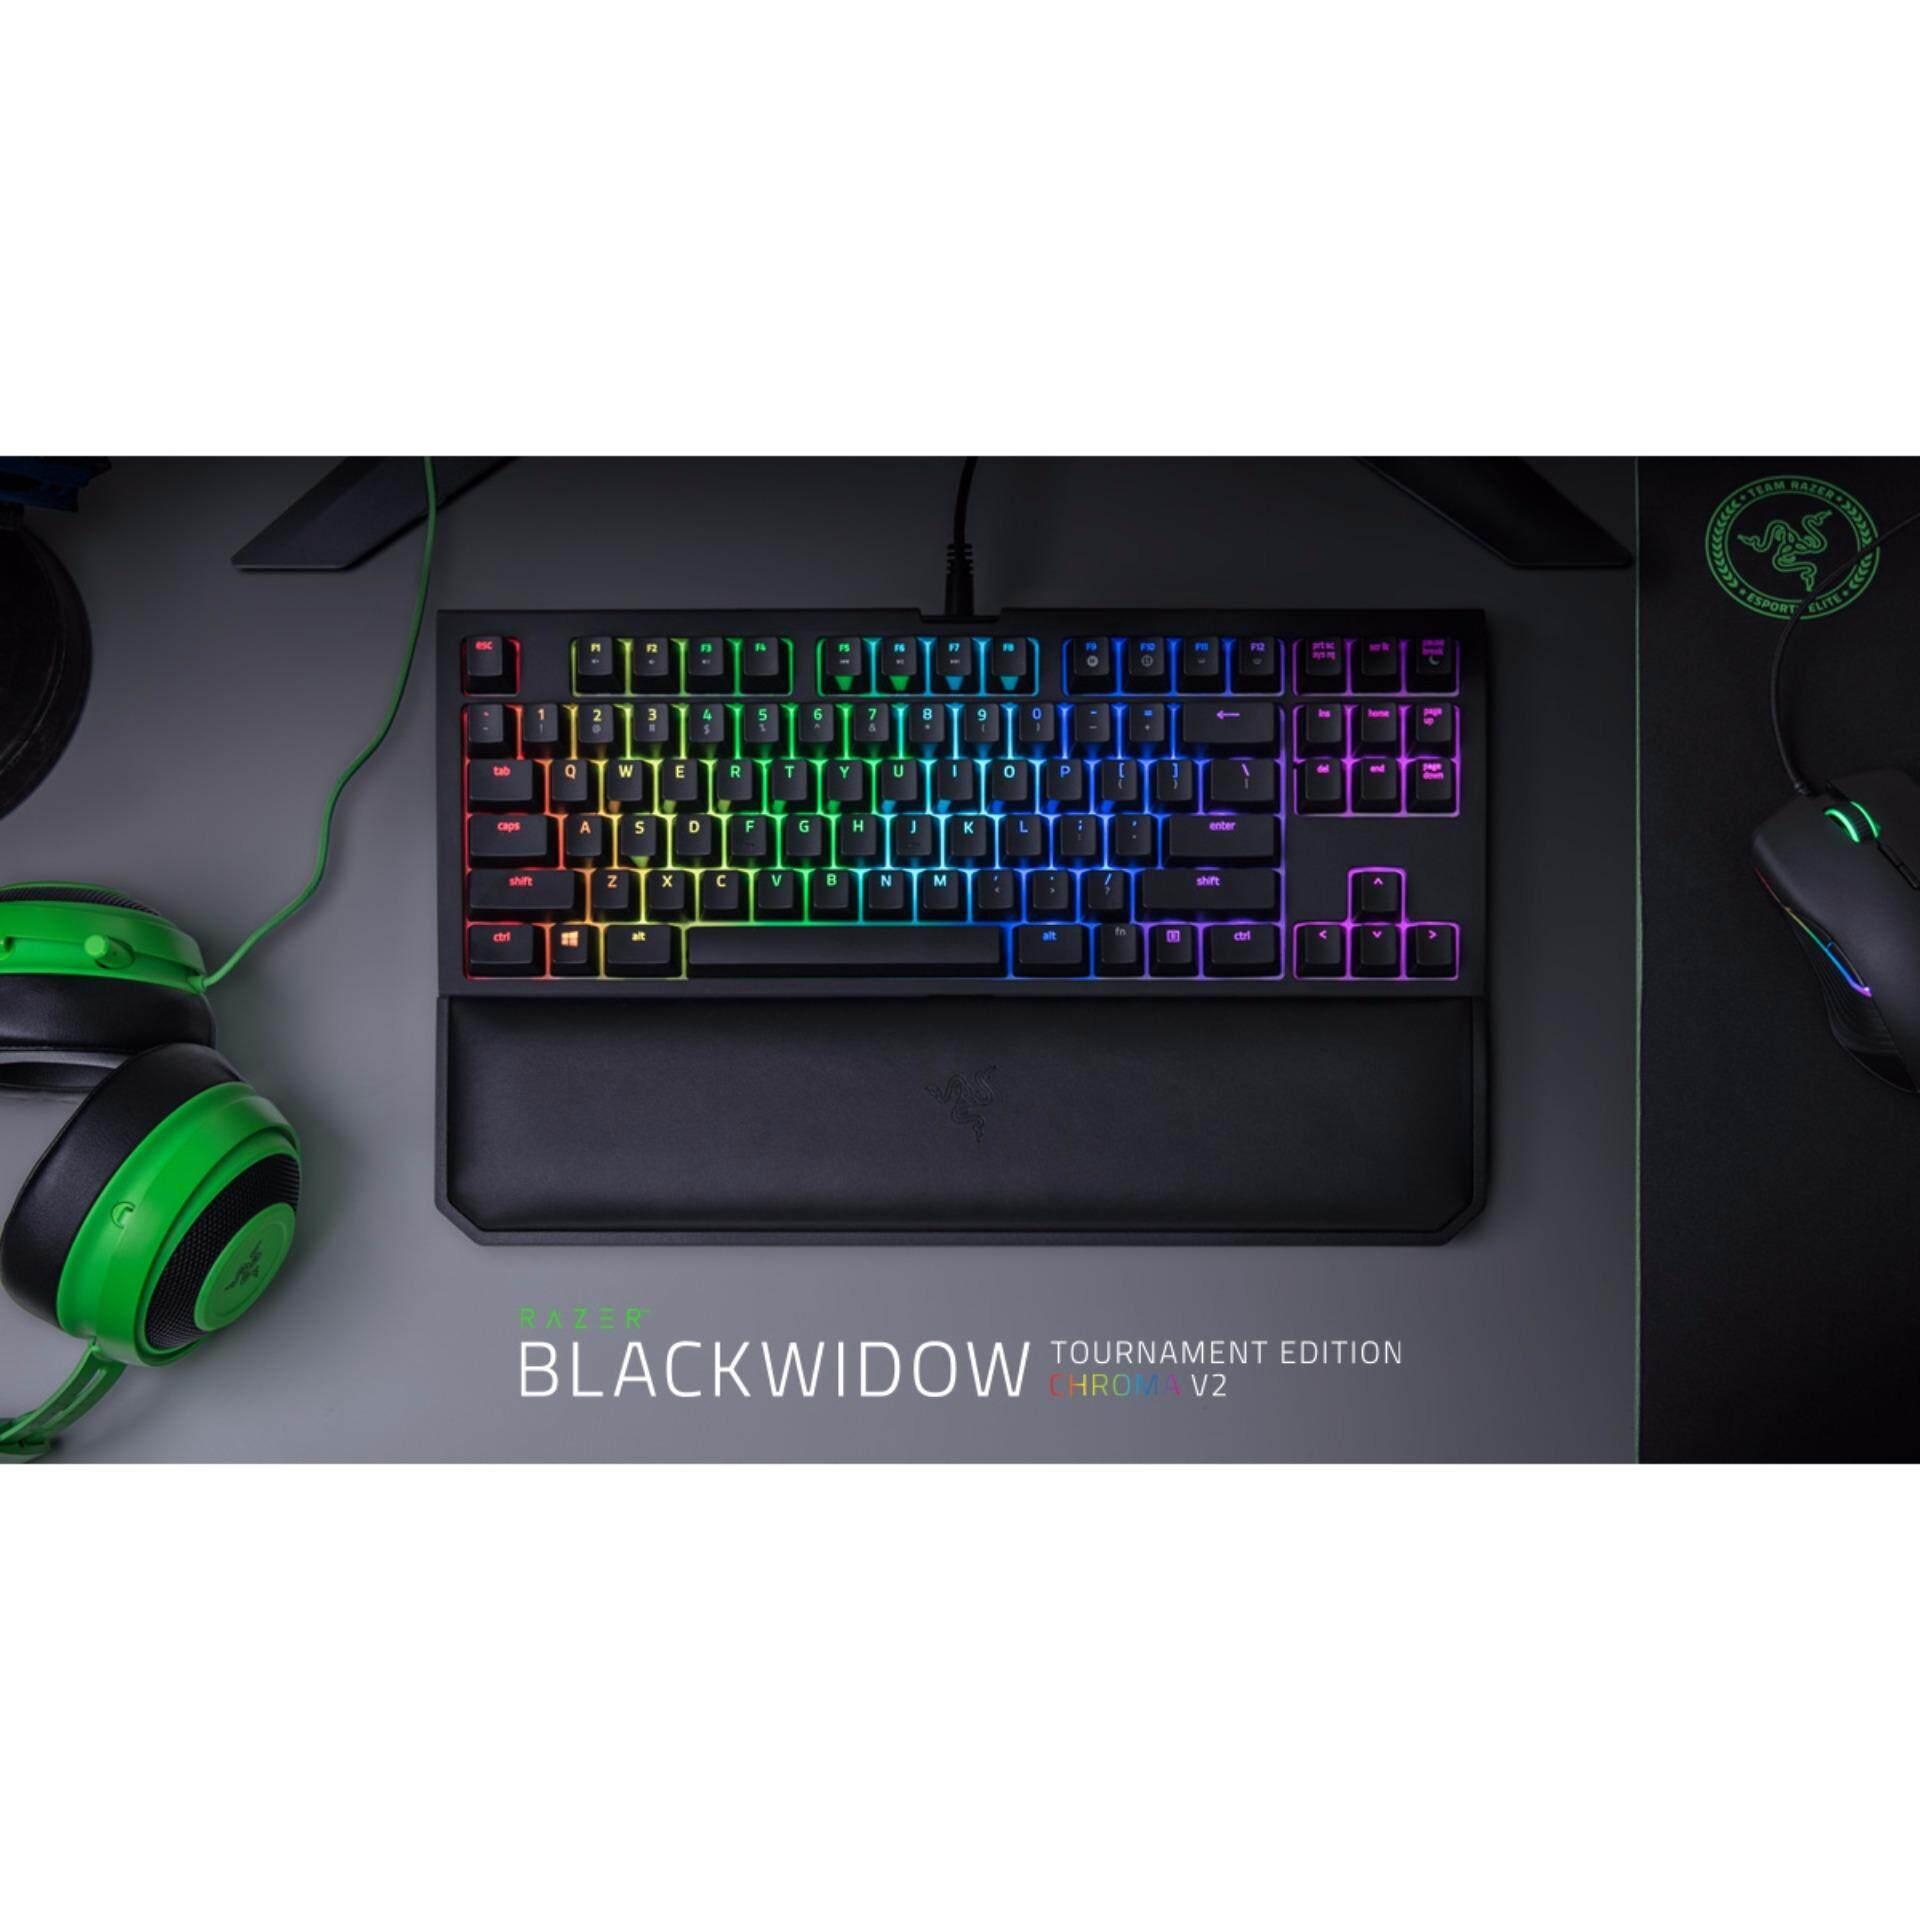 f6d96240302 Razer Blackwidow Tournament Chroma V2 Mechanical Keyboard (Razer Green  Switch, Multi-Colour Backlit Keys) - RZ03-02190100-R3M1